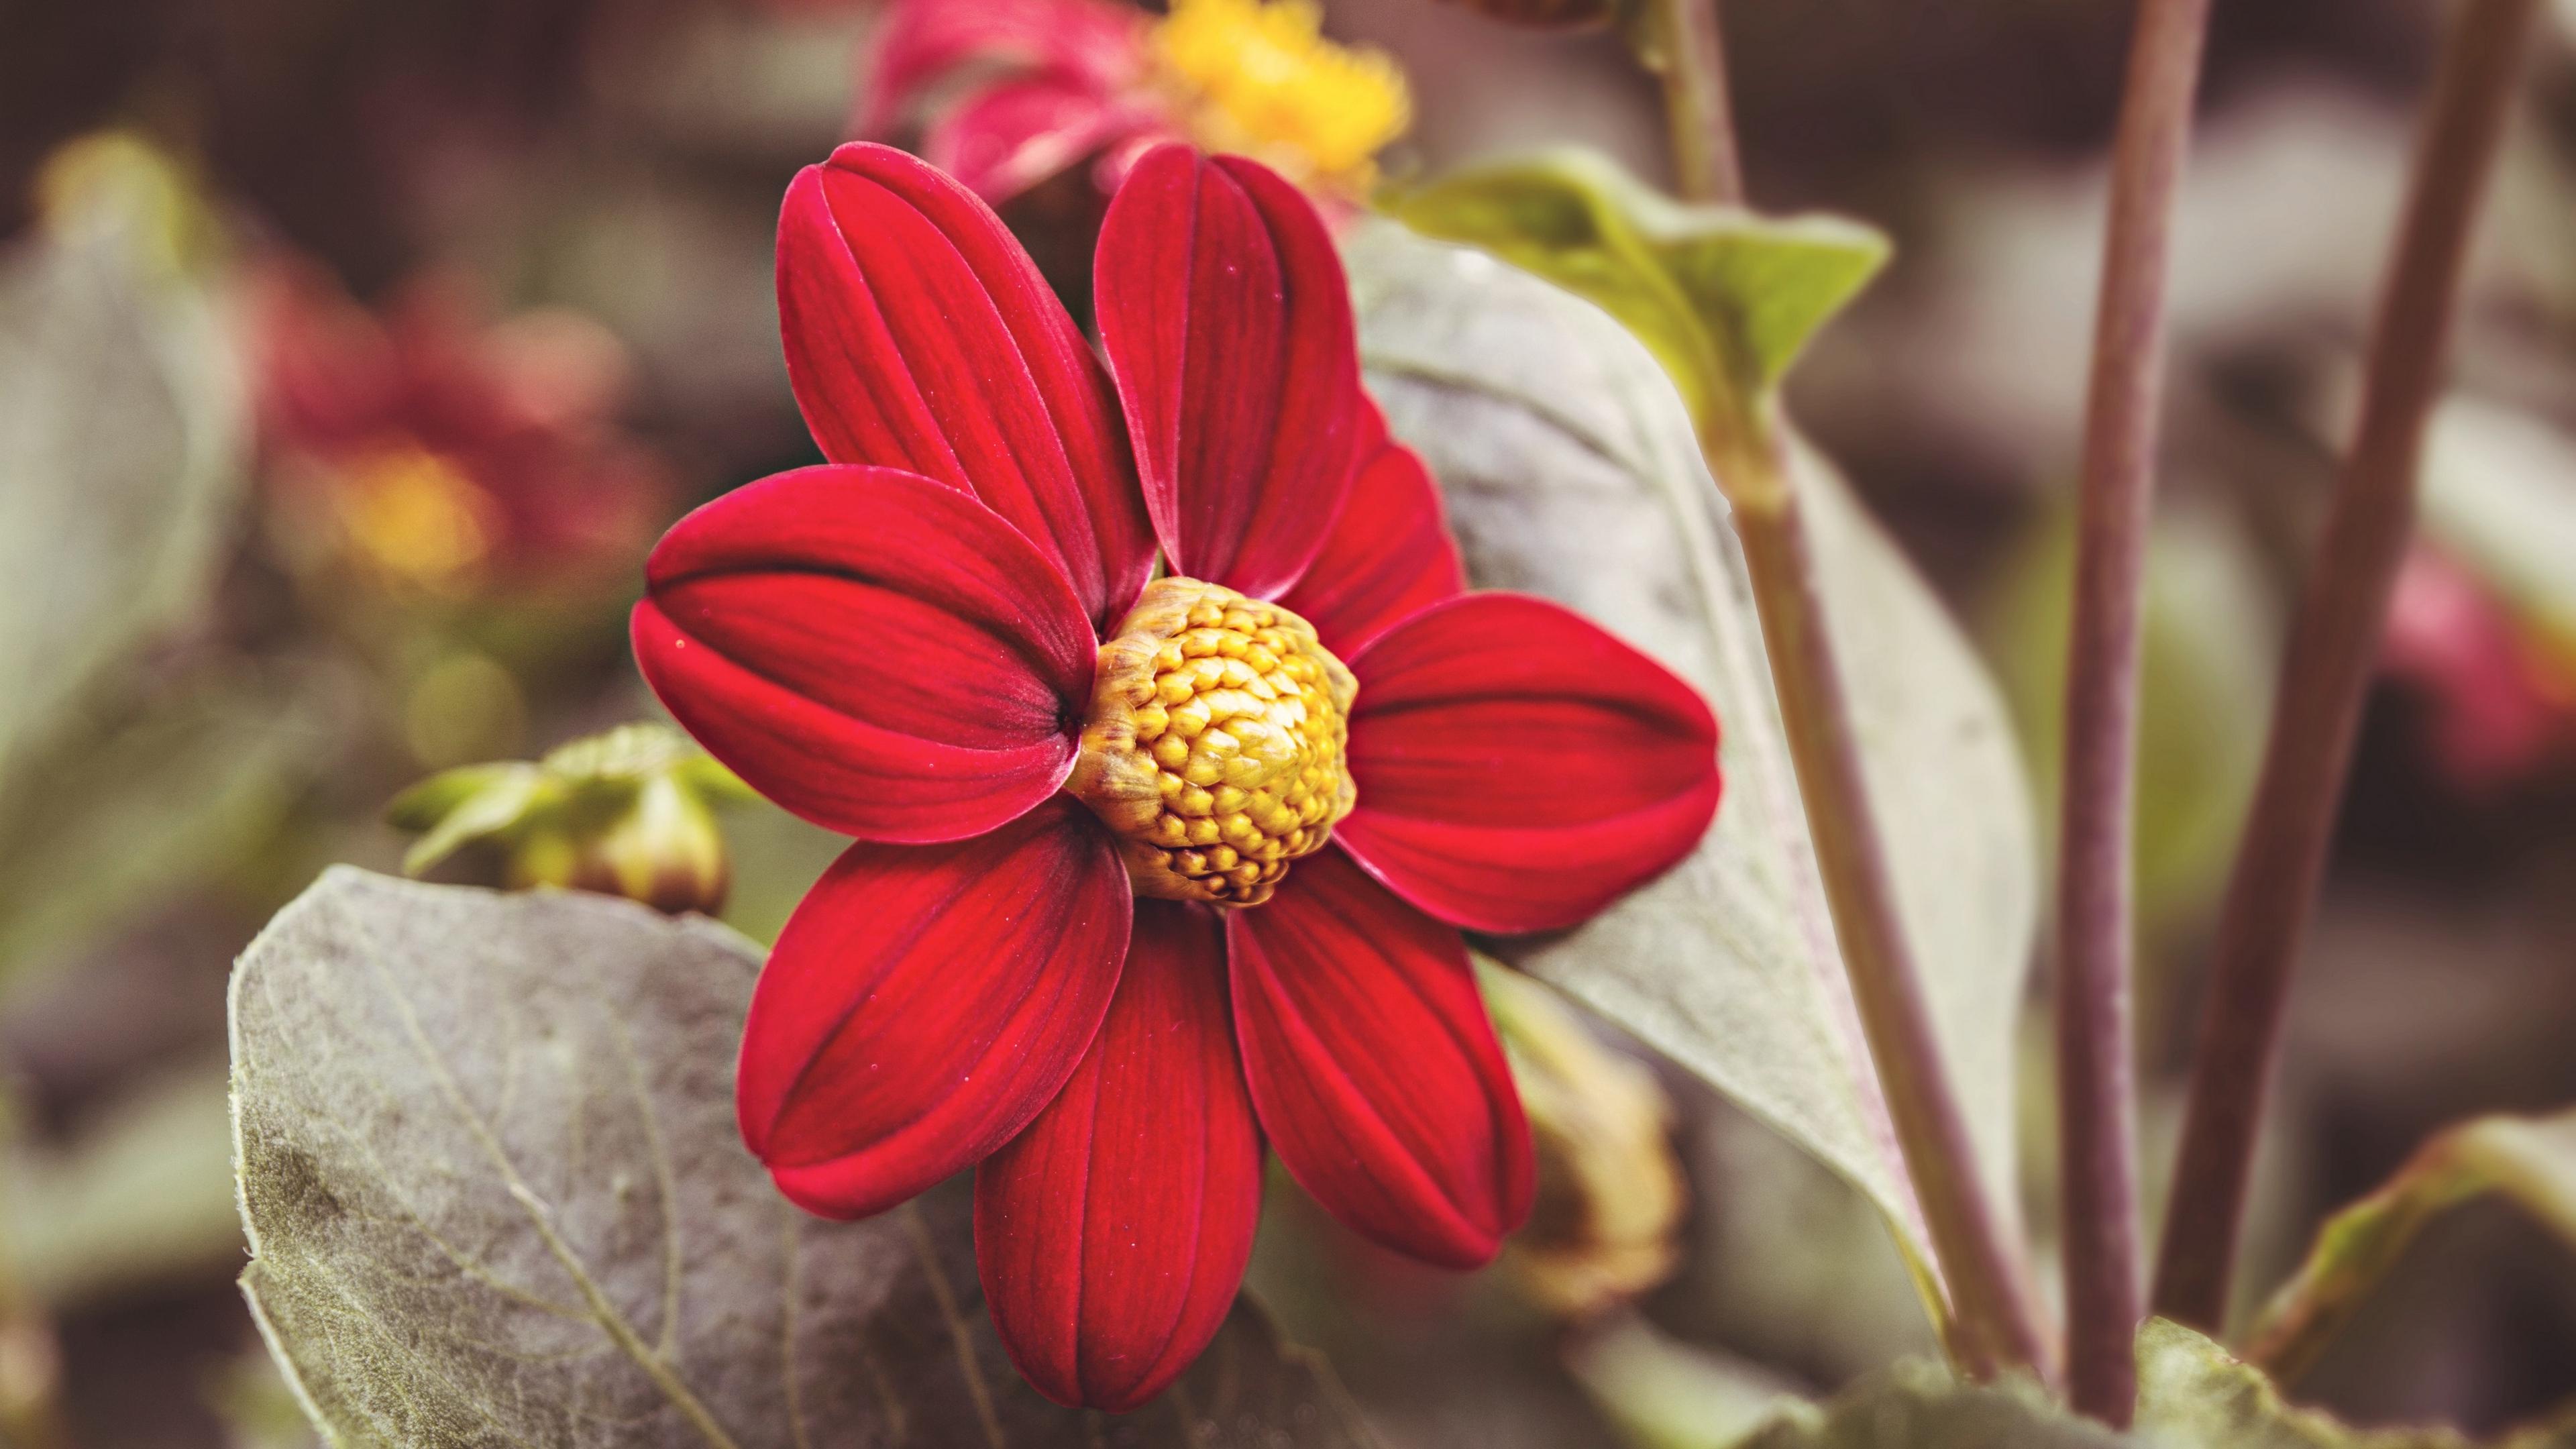 flower red petals close up 4k 1540064775 - flower, red, petals, close-up 4k - red, Petals, flower